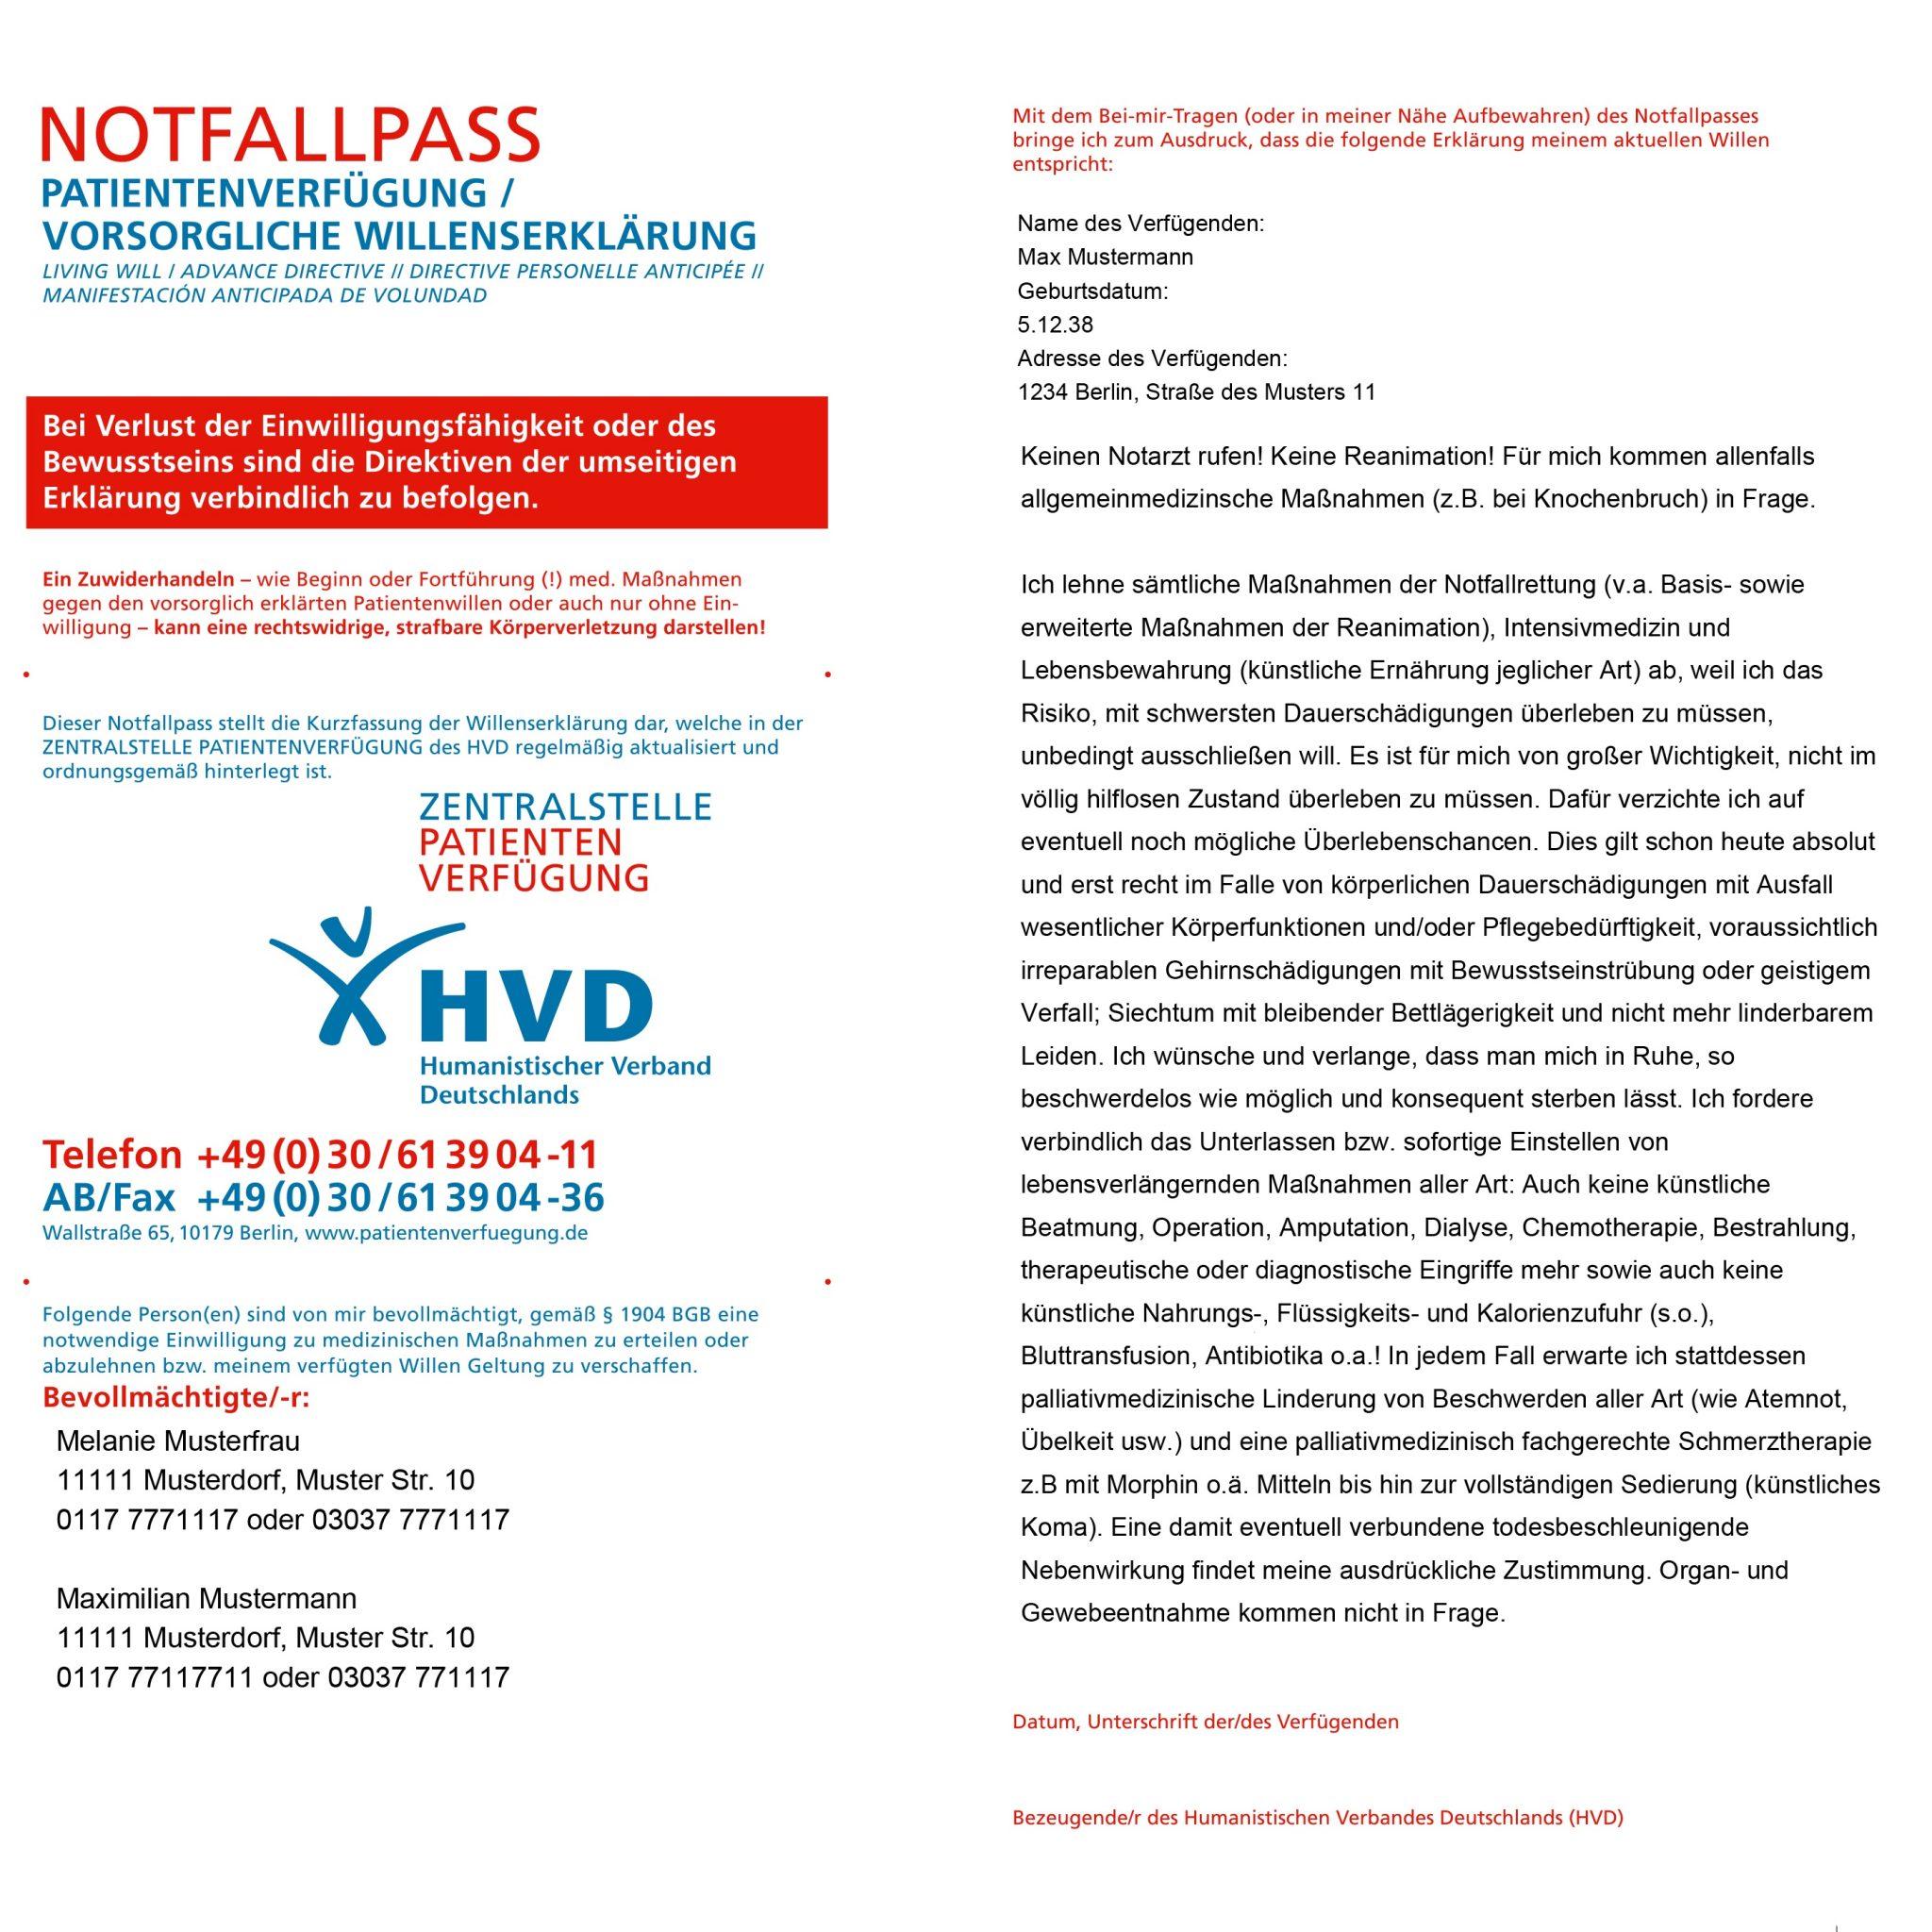 notfallpass papiermodell besser als digitale lsung hvd zentralstelle patientenverfgung - Muster Patientenverfugung